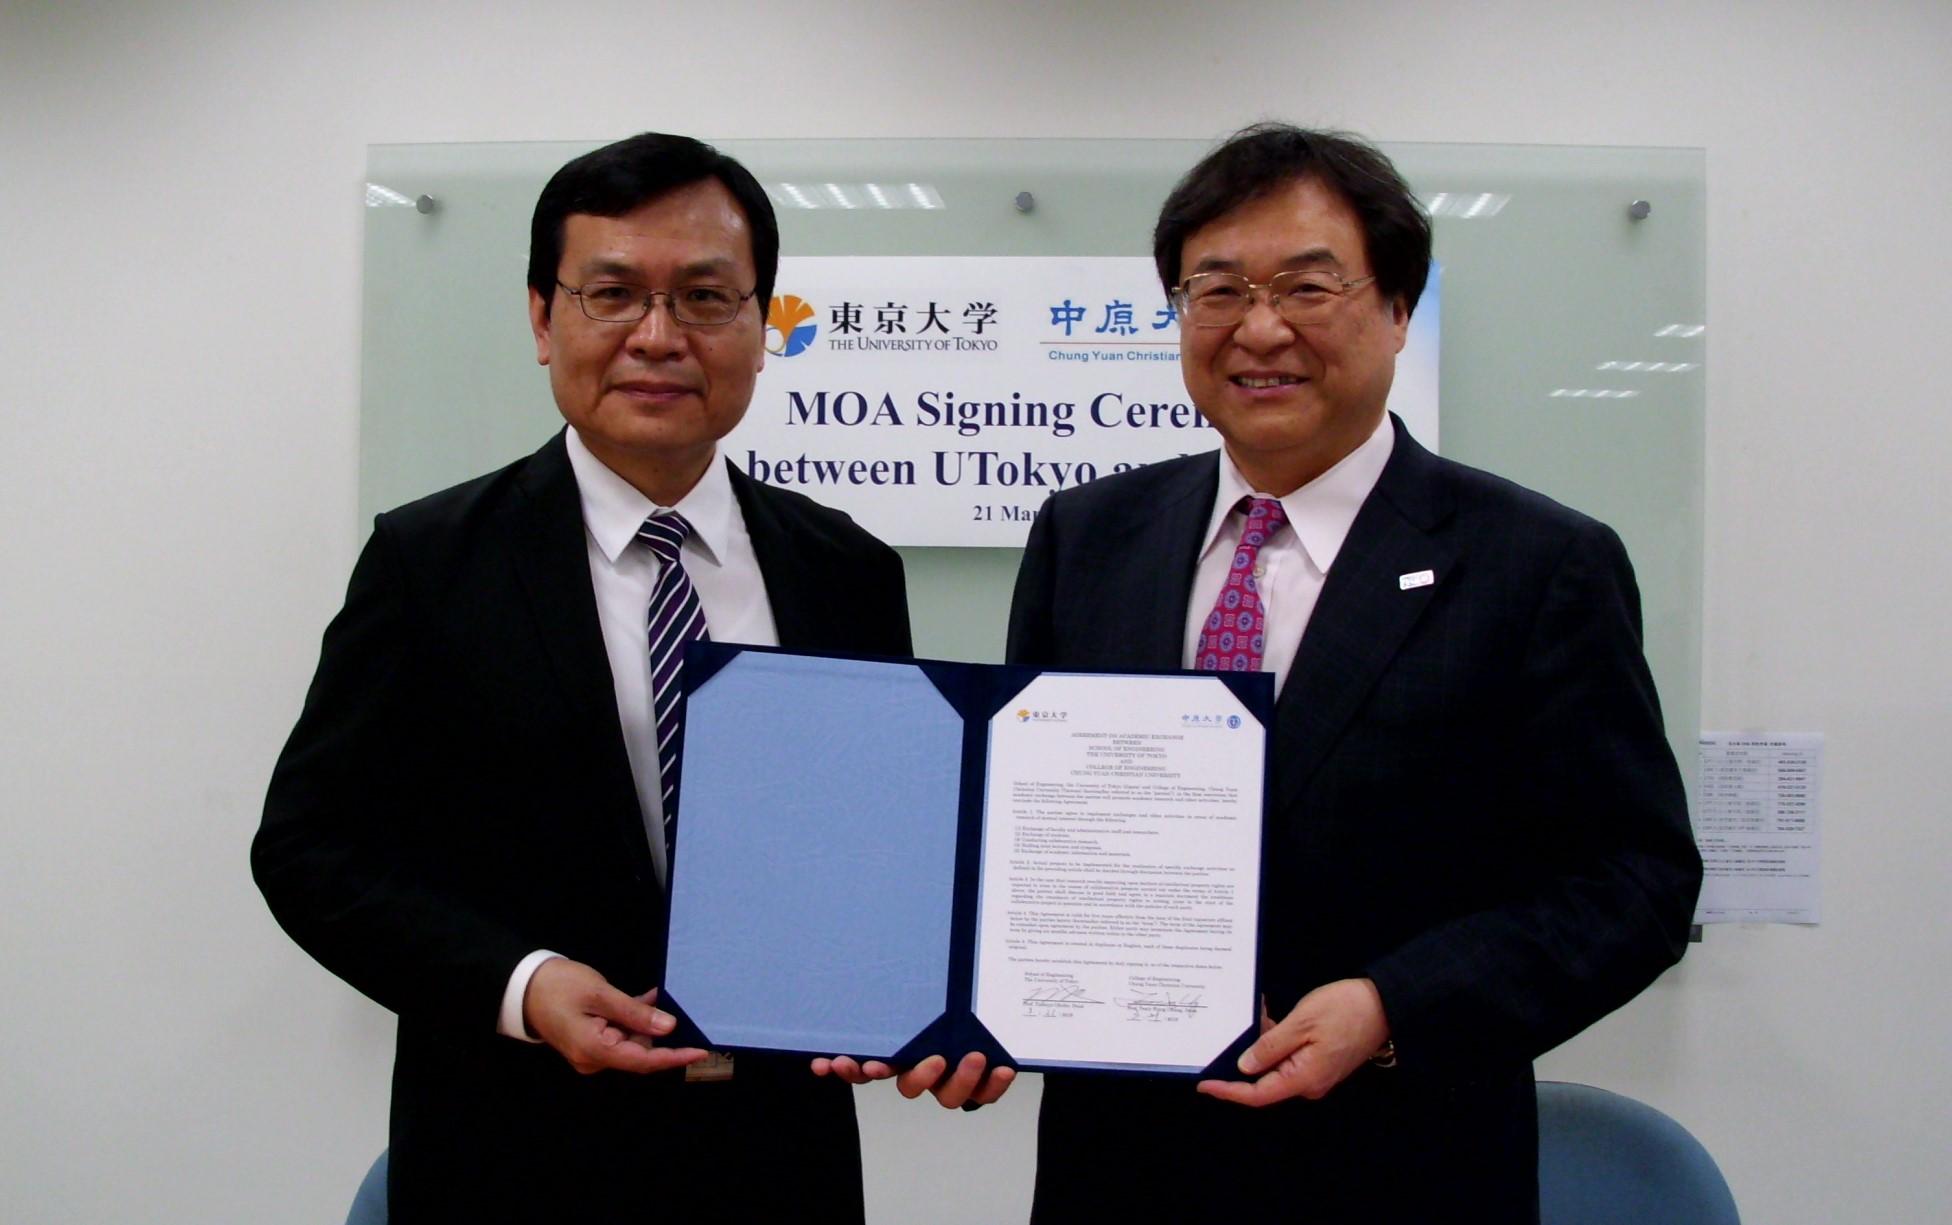 中原大學與東京大學簽署協議 深化產學研合作交流